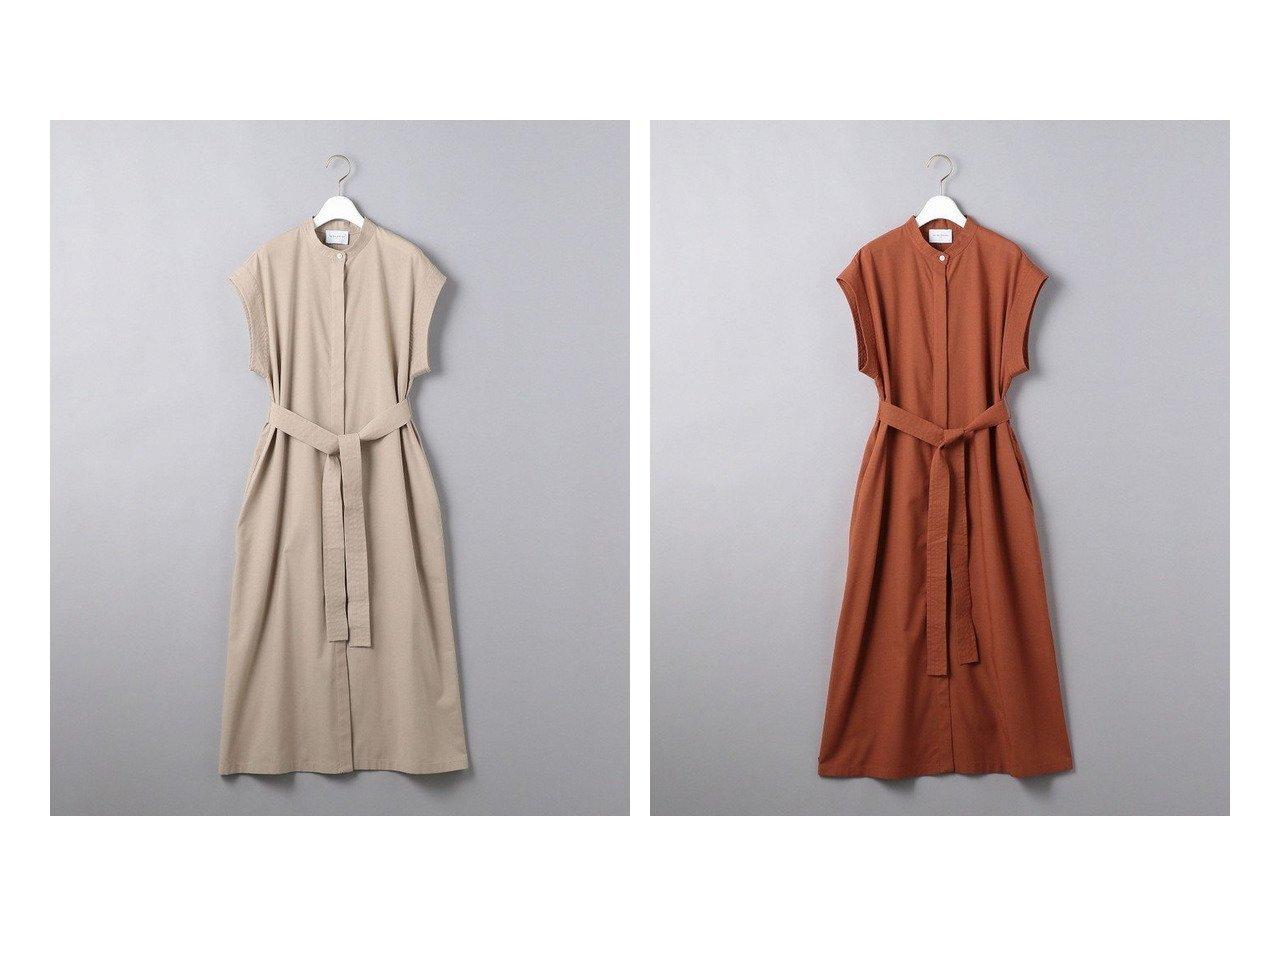 【UNITED ARROWS/ユナイテッドアローズ】のUWSC ロング シャツワンピース 【ワンピース・ドレス】おすすめ!人気、トレンド・レディースファッションの通販 おすすめで人気の流行・トレンド、ファッションの通販商品 インテリア・家具・メンズファッション・キッズファッション・レディースファッション・服の通販 founy(ファニー) https://founy.com/ ファッション Fashion レディースファッション WOMEN ワンピース Dress シャツワンピース Shirt Dresses ロング |ID:crp329100000054088